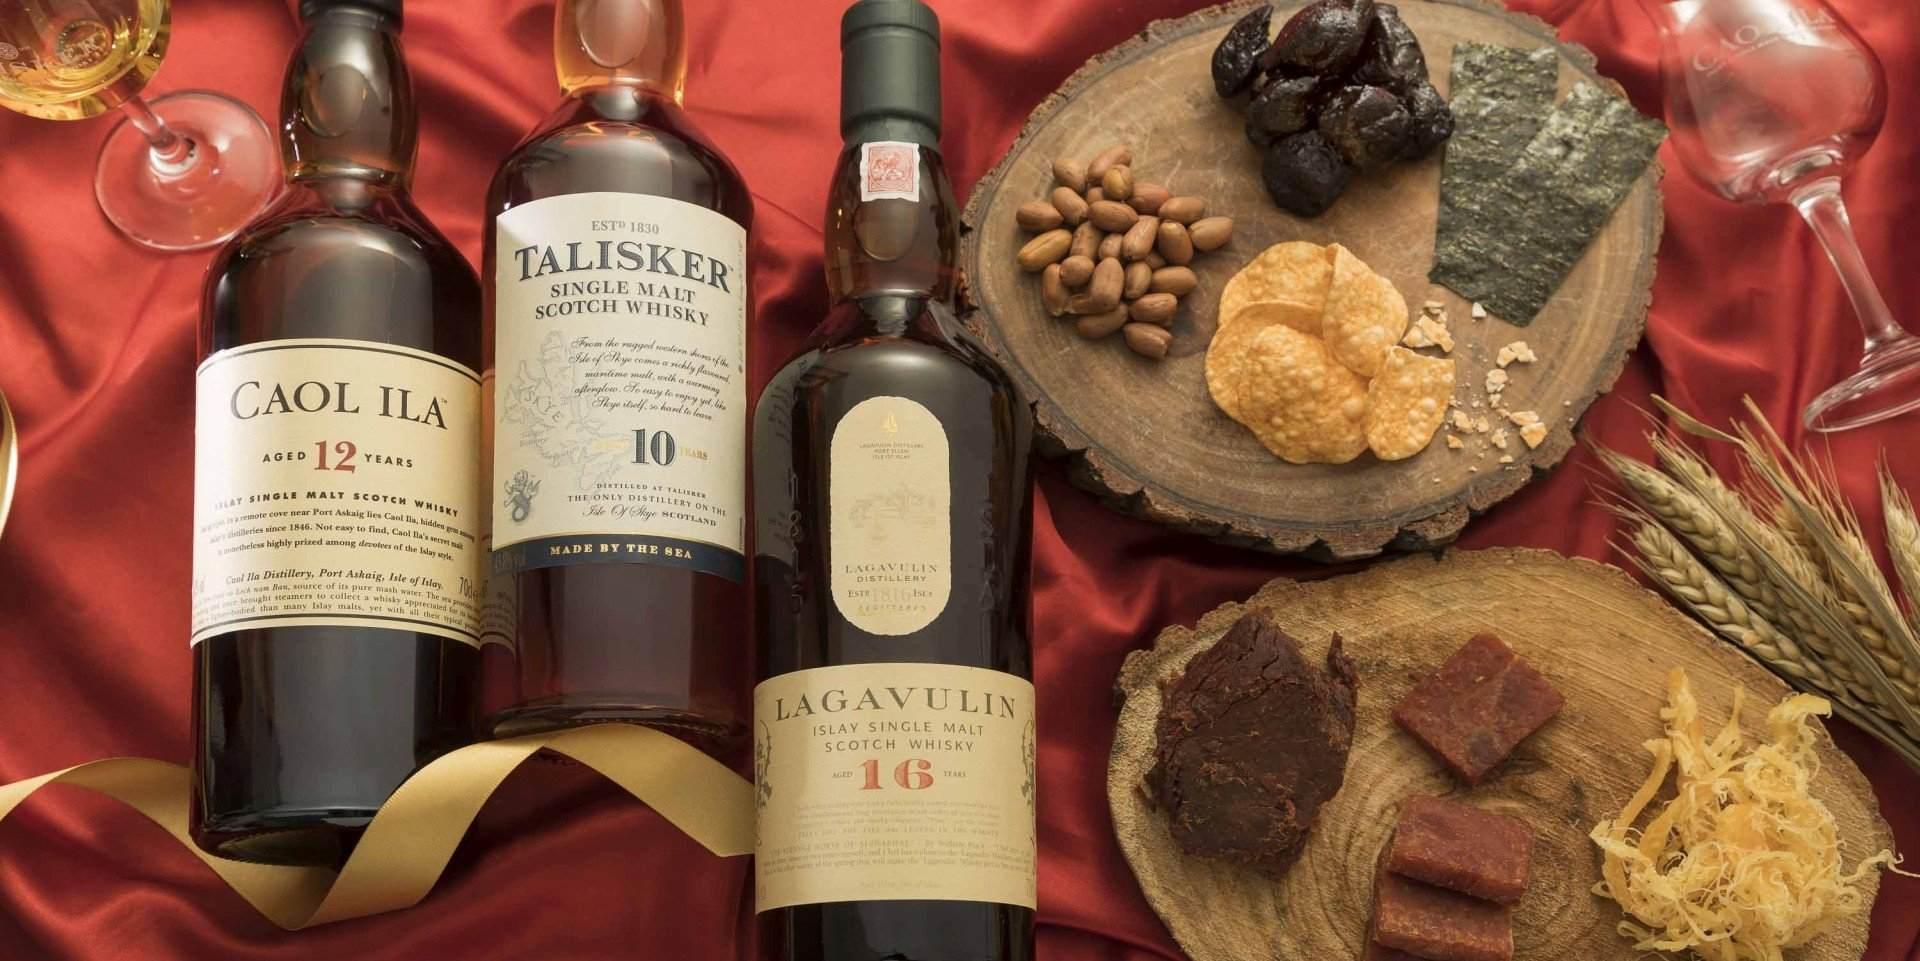 最「台灣味」的新春專屬組合:帝亞吉歐 Classic Malts系列單一麥芽威士忌